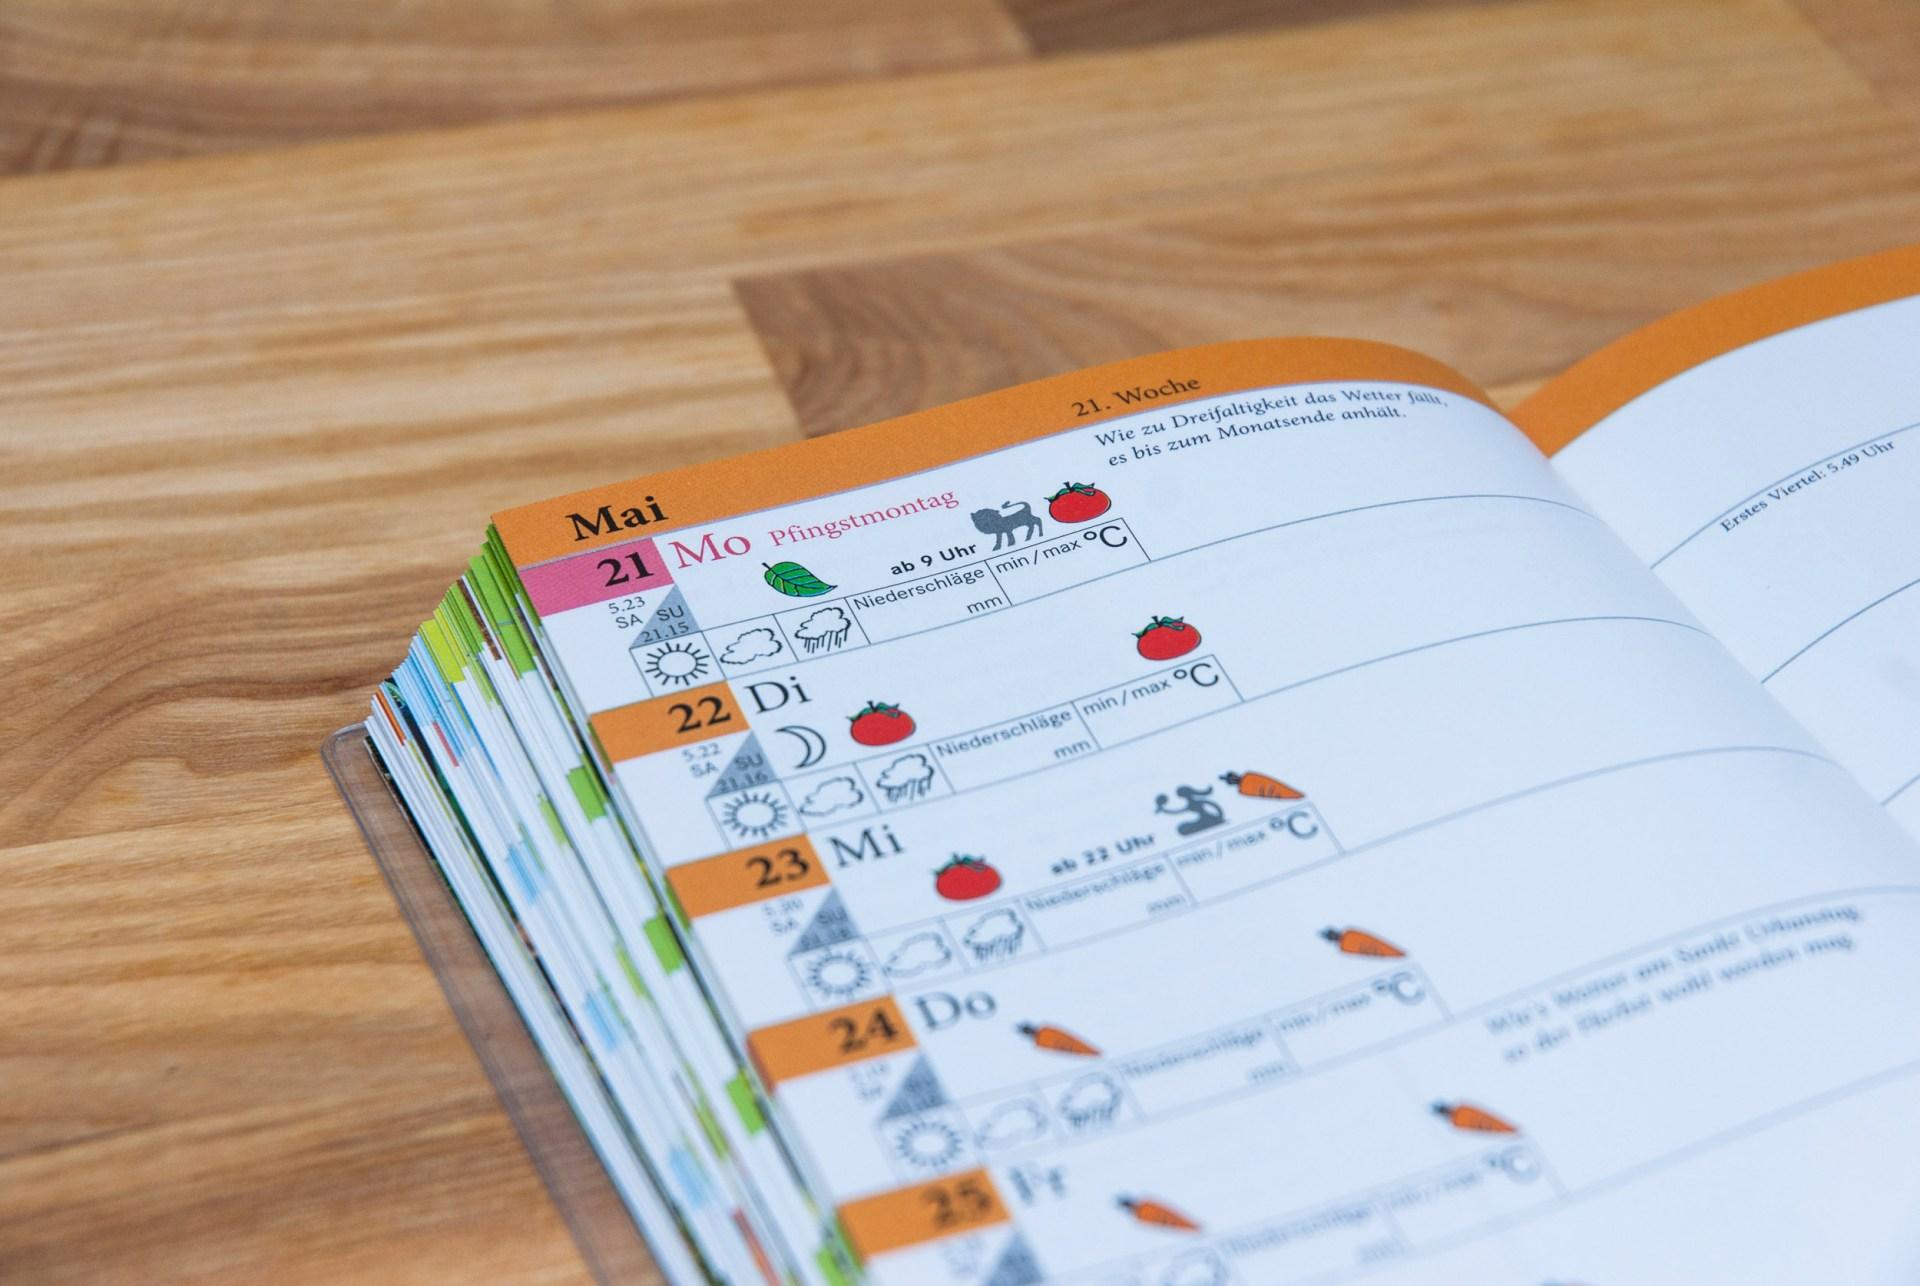 Das Gartenjahrbuch von kraut & rüben liegt auf einem Tisch, aufgeschlagen im Mai.